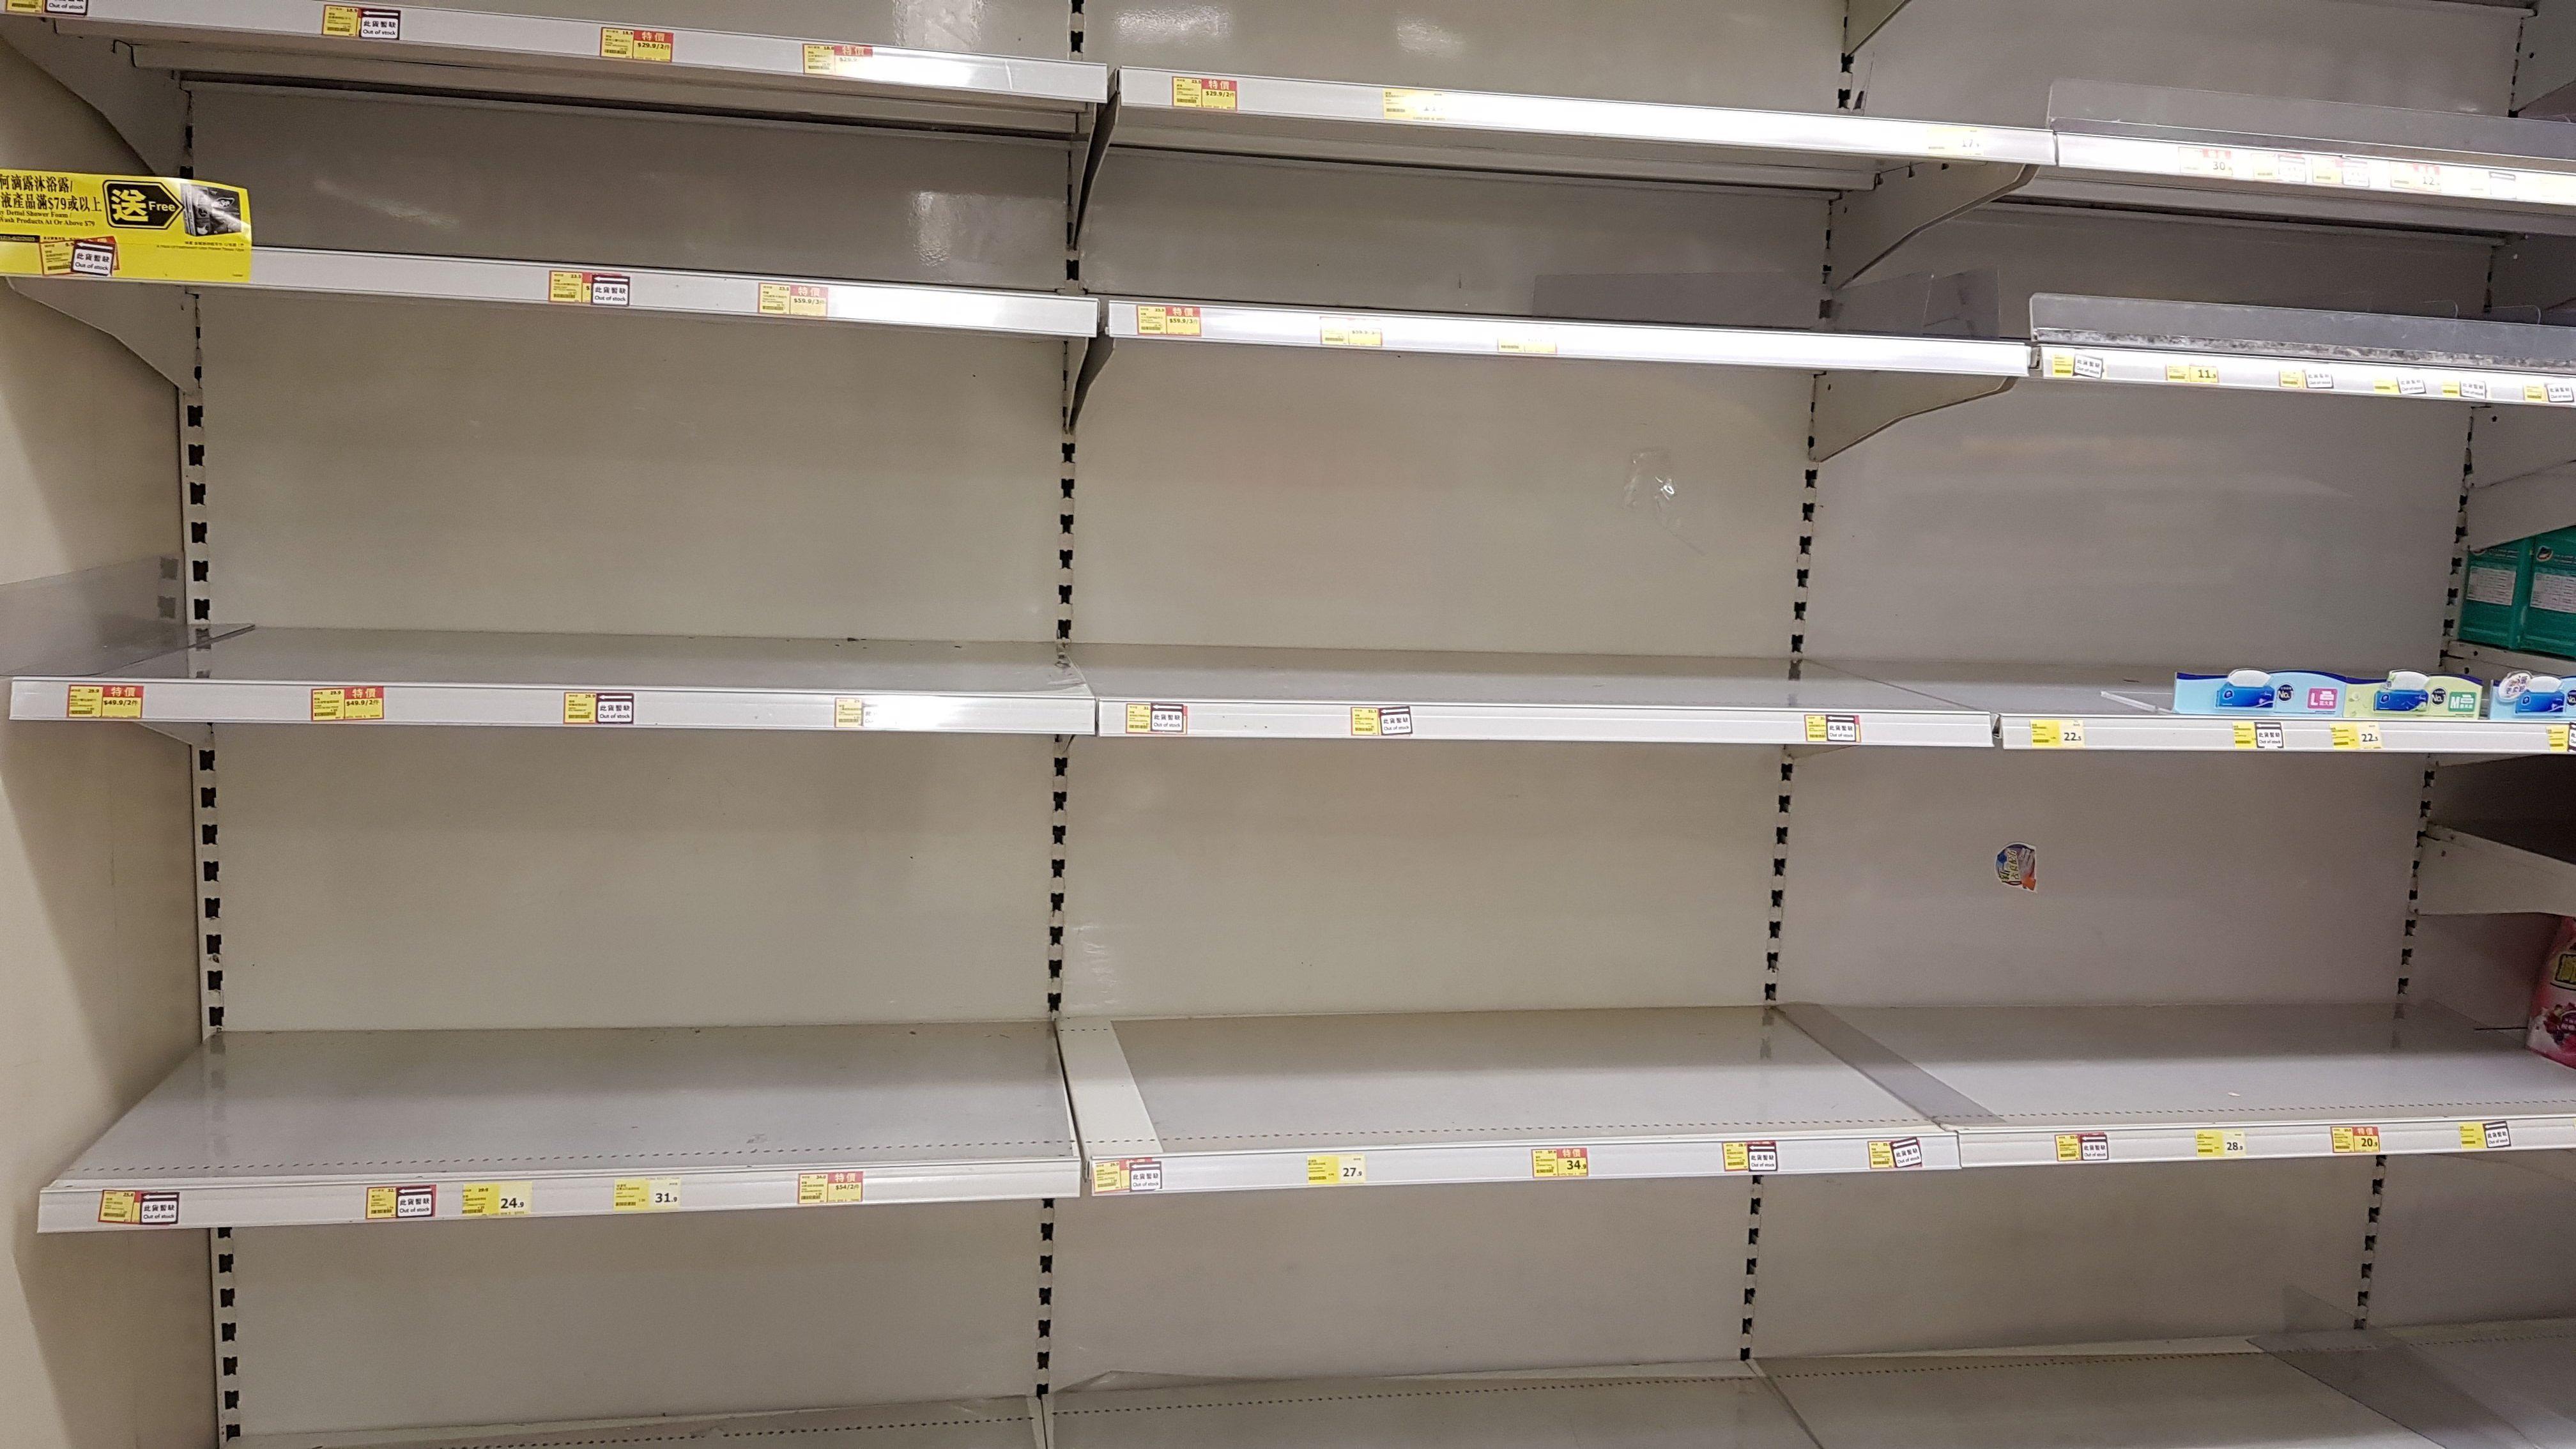 Les rayons du supermarché il y a un mois... Maintenant, c'est réglé.